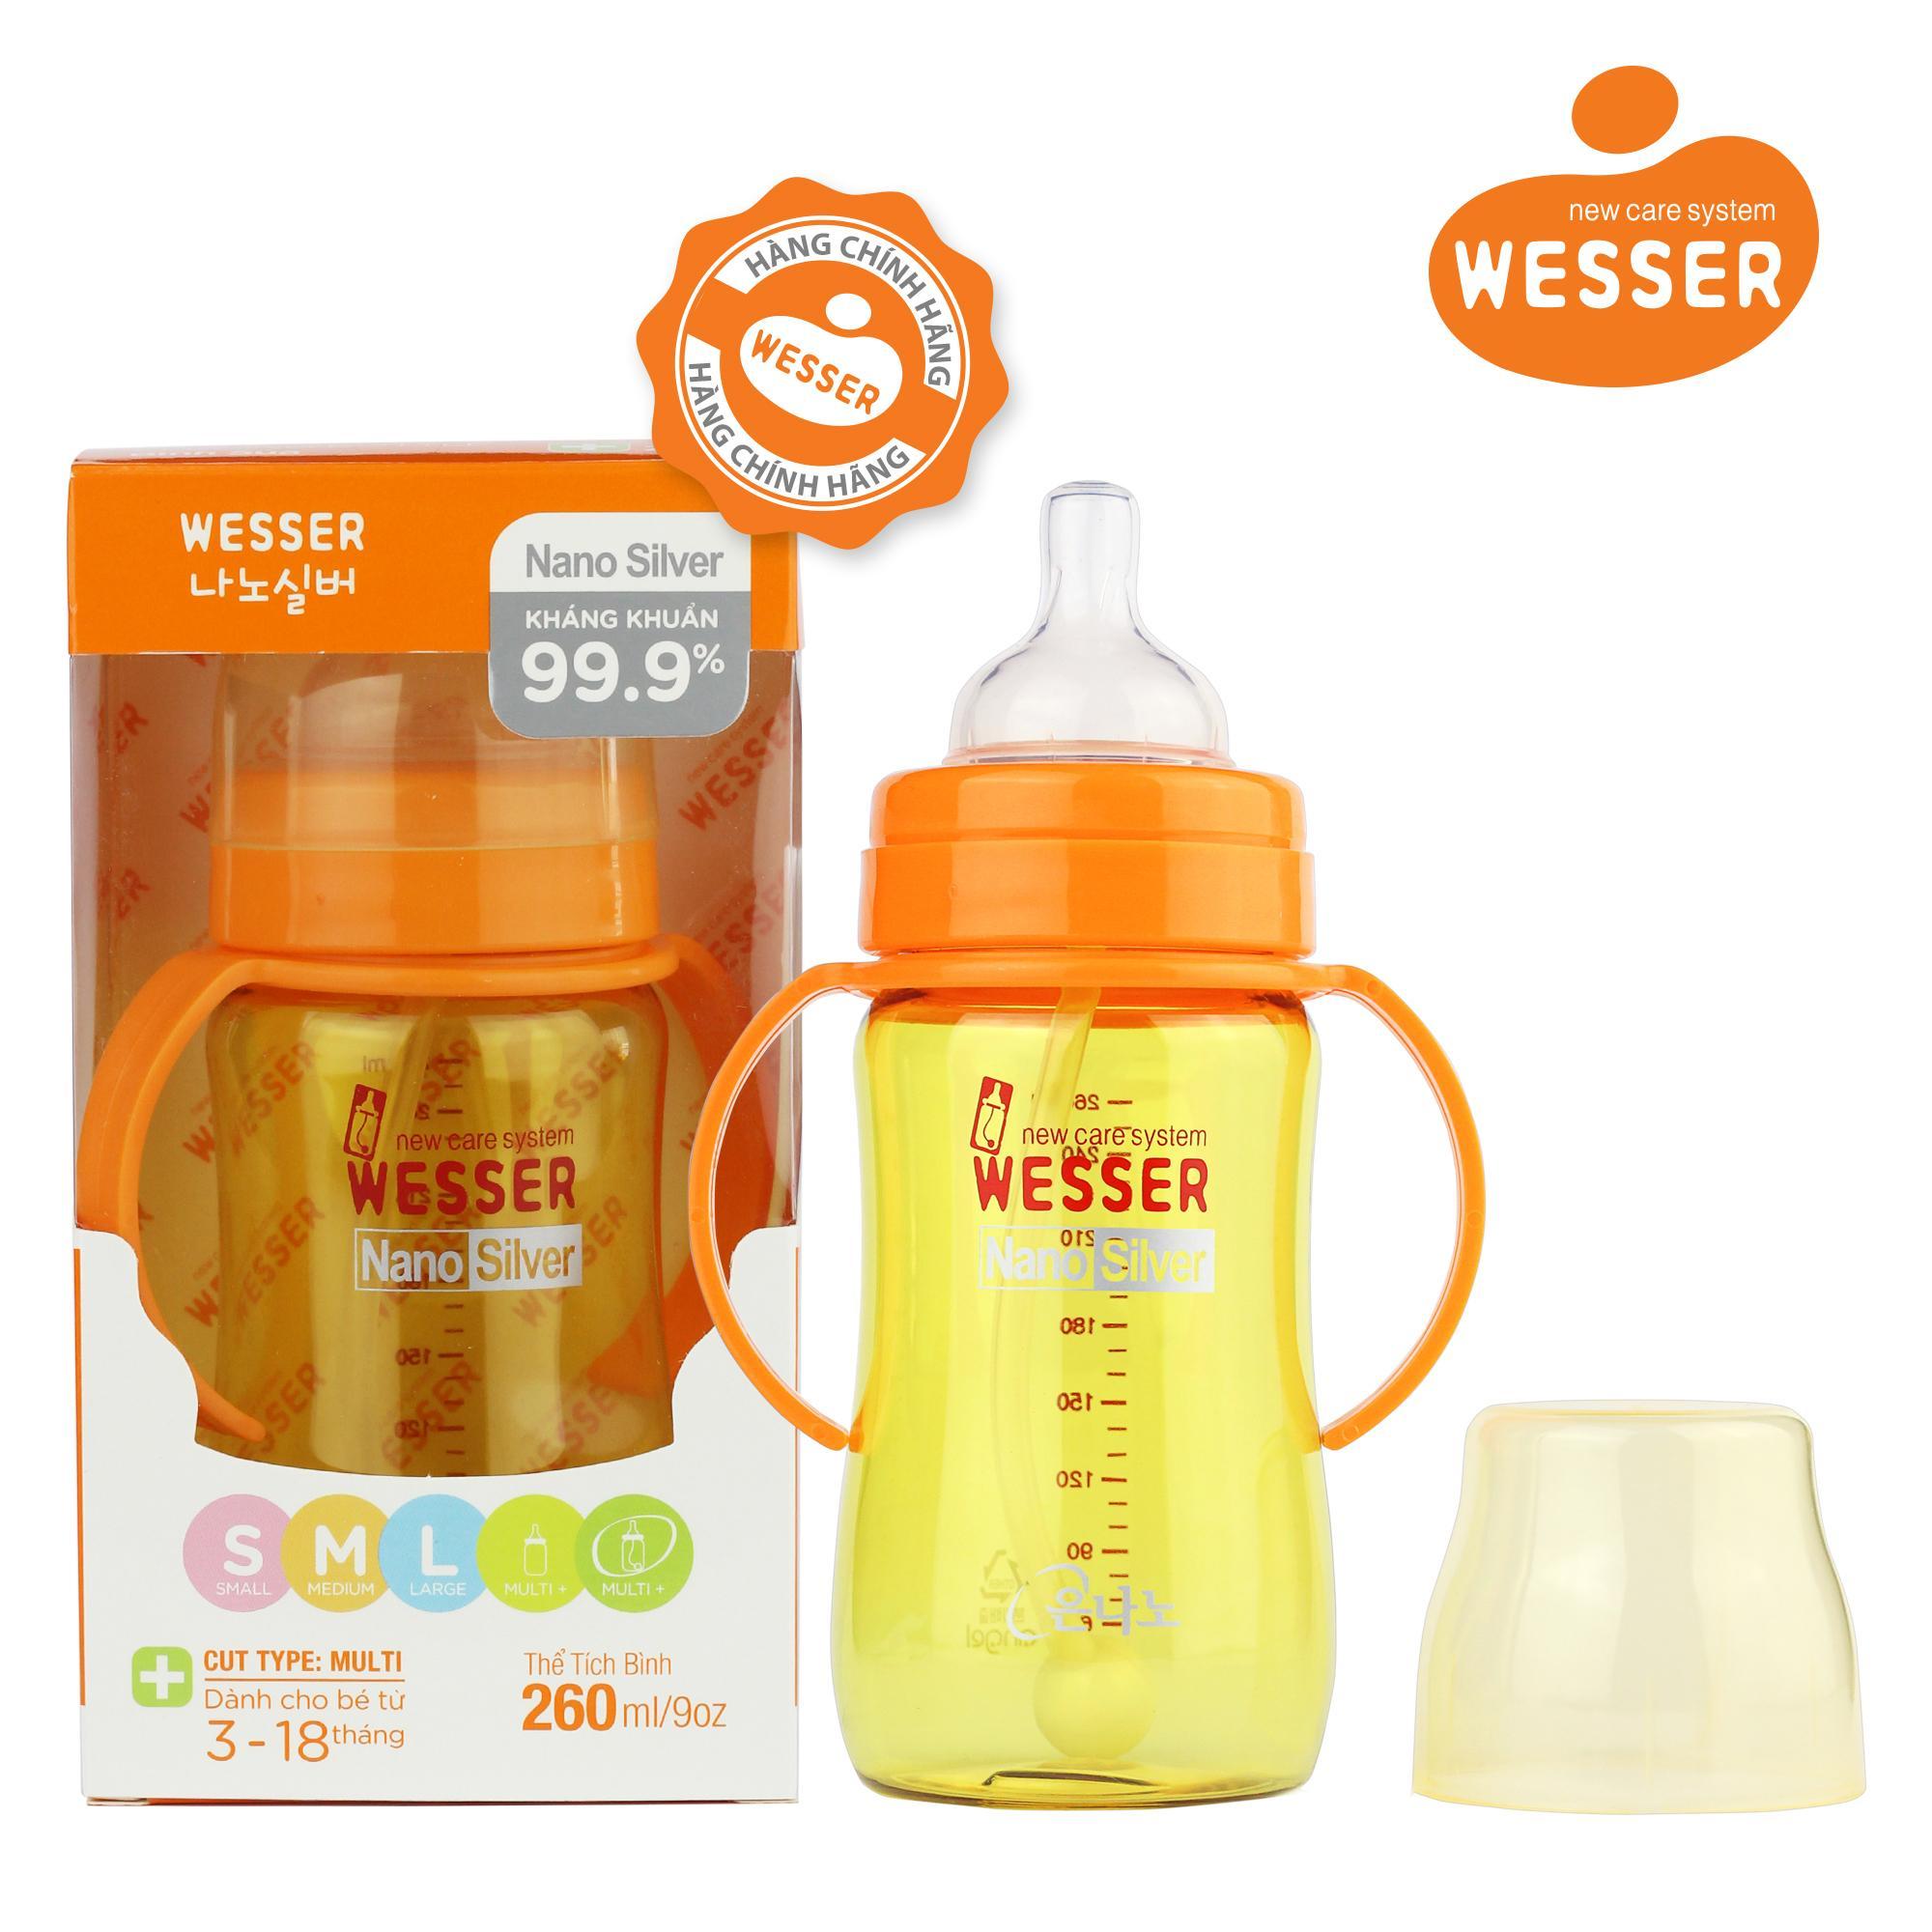 Bình sữa Wesser Nano Silver cổ rộng 260ml + ống...